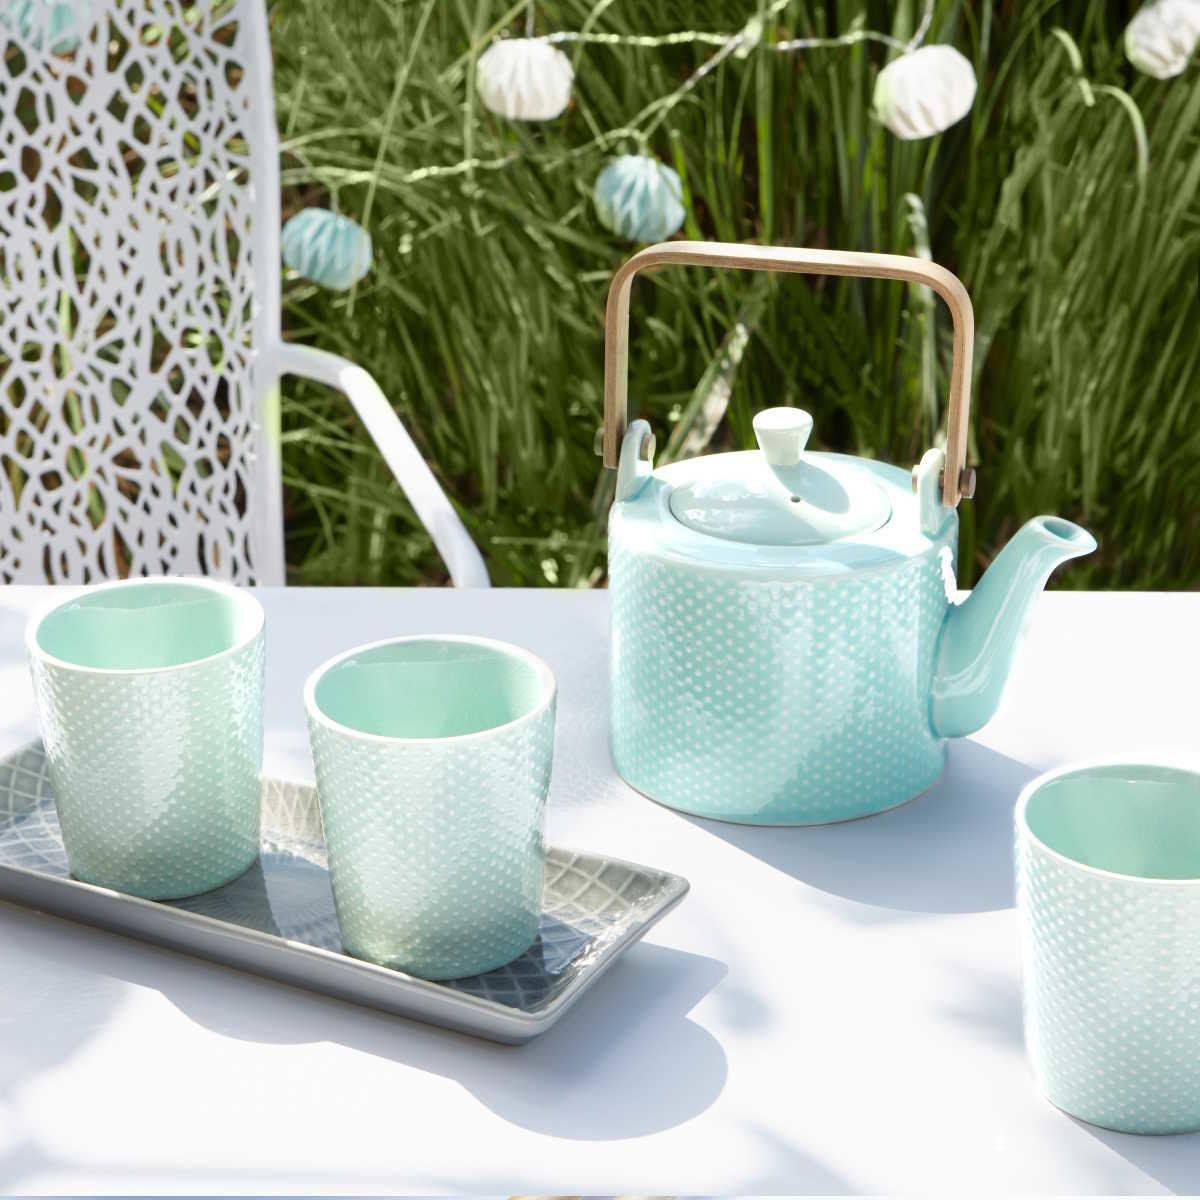 Bild 5 von Teekanne mit Holzgriff